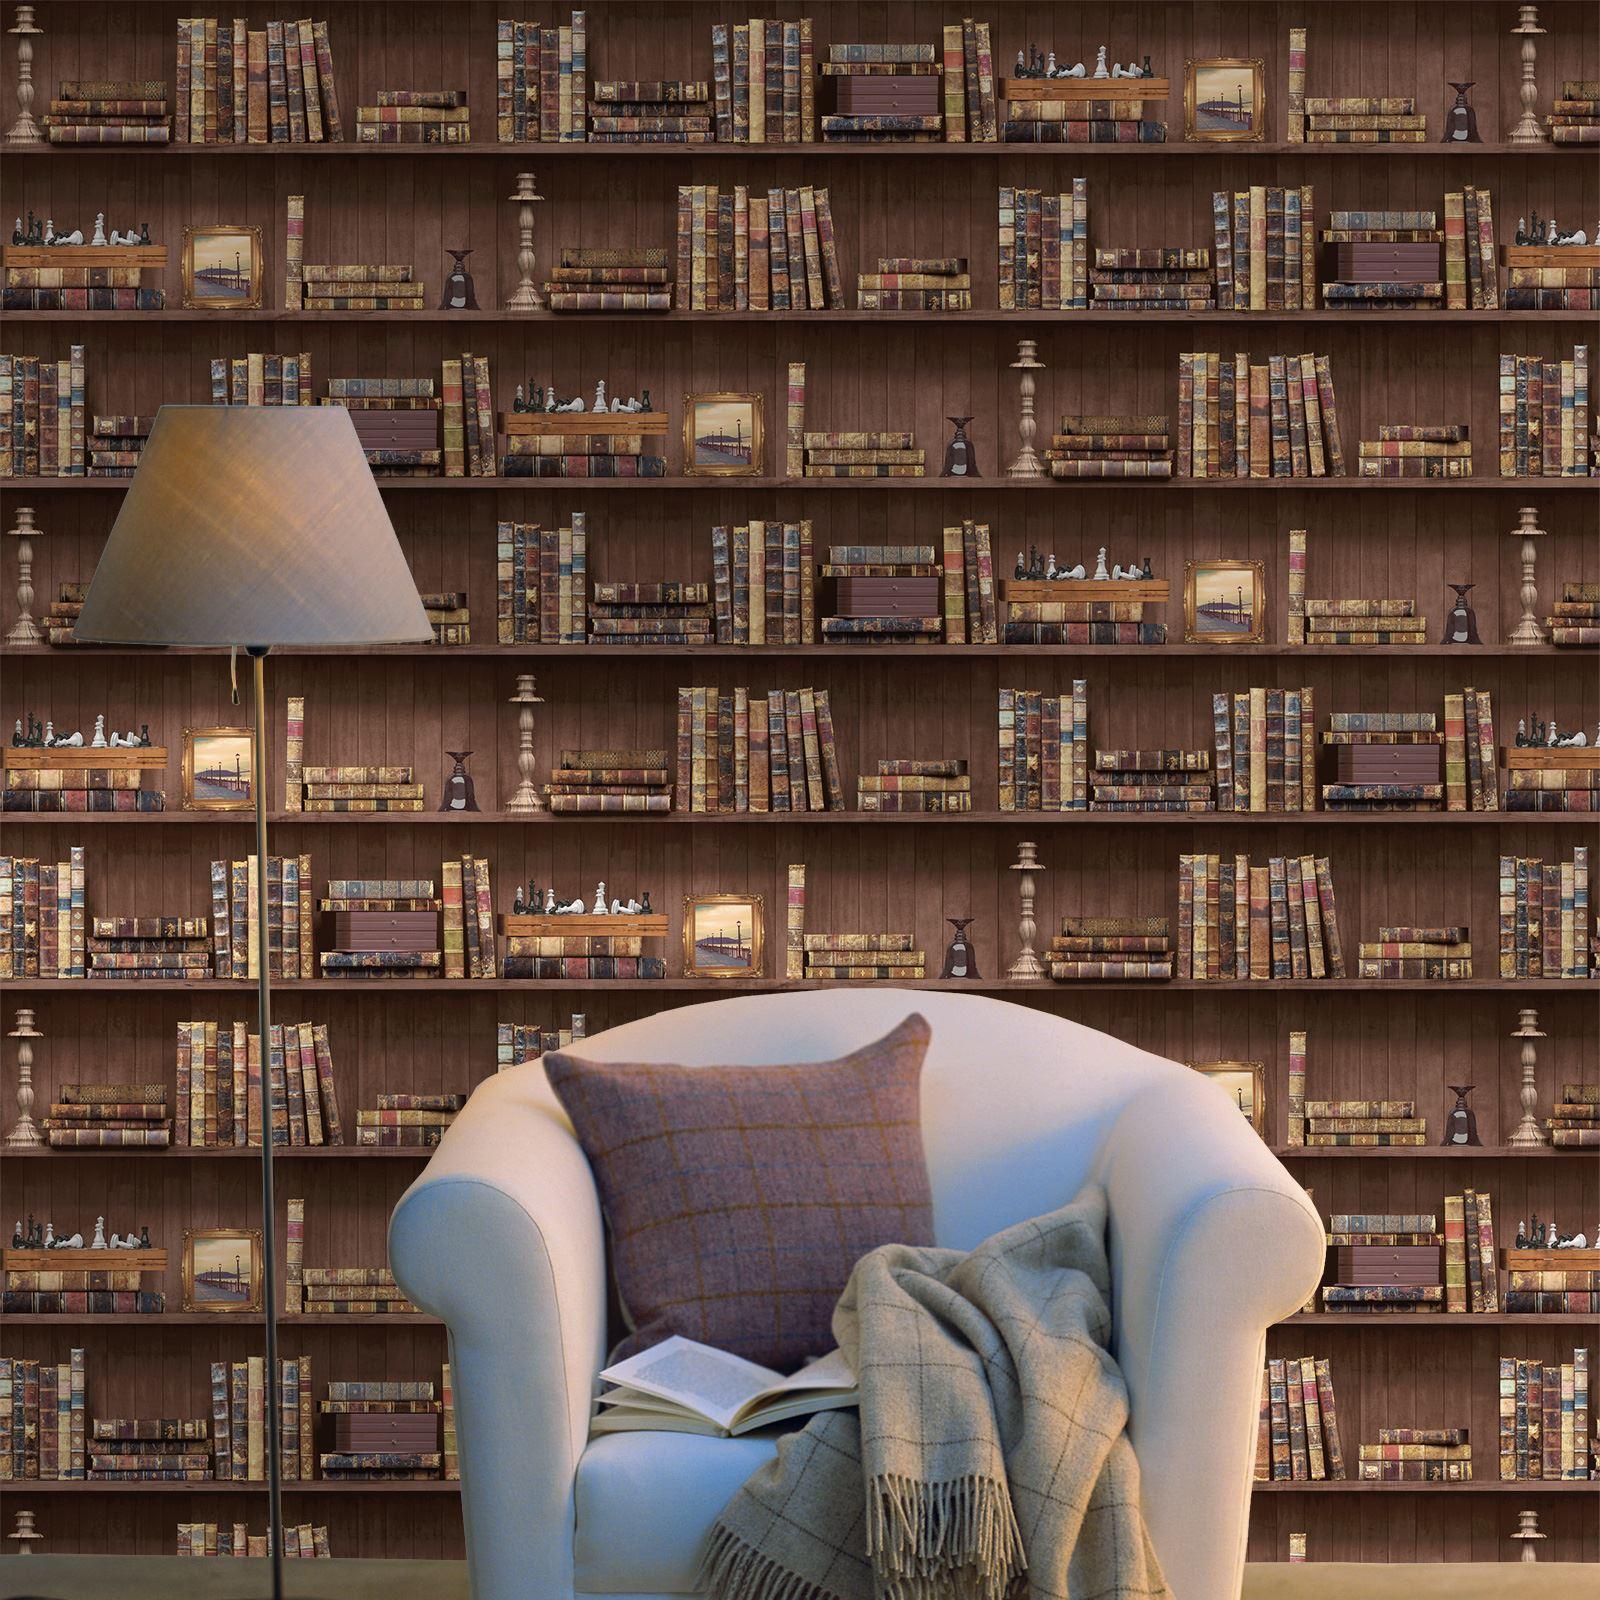 Bücherschrank Tapete Antik Bibliothek Encyclopedia Gold Silber Schwarz Rosa Grau